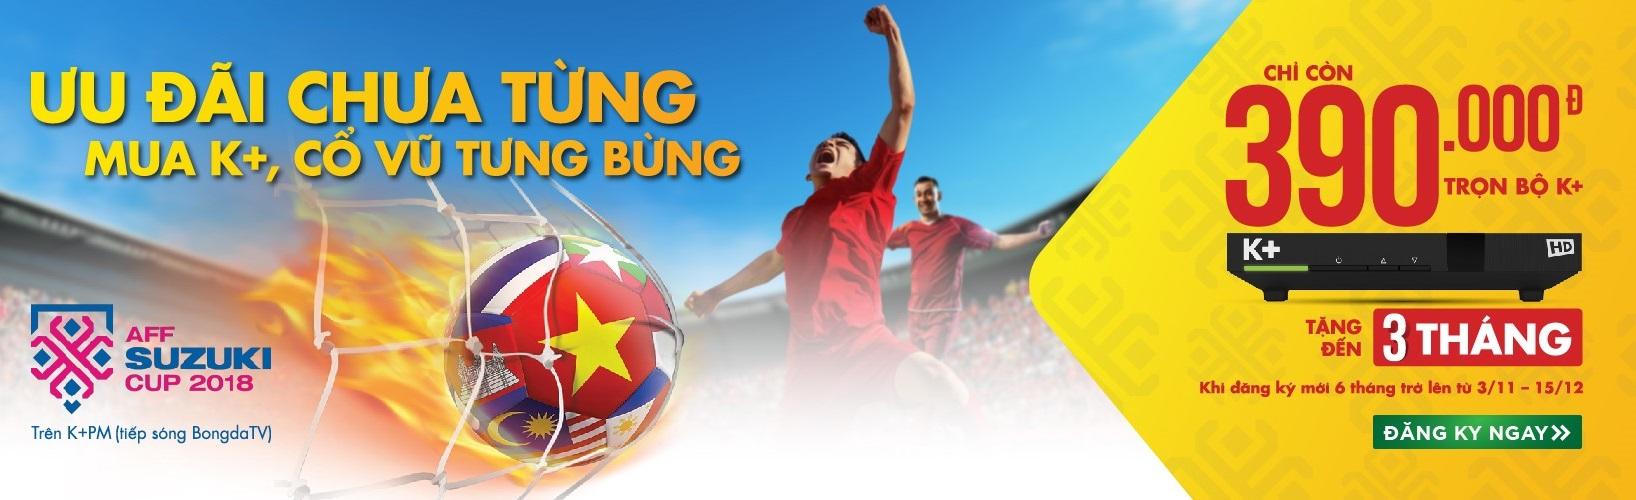 K+ Khuyễn mãi - chào đón giải AFF Suzuki Cup 2018